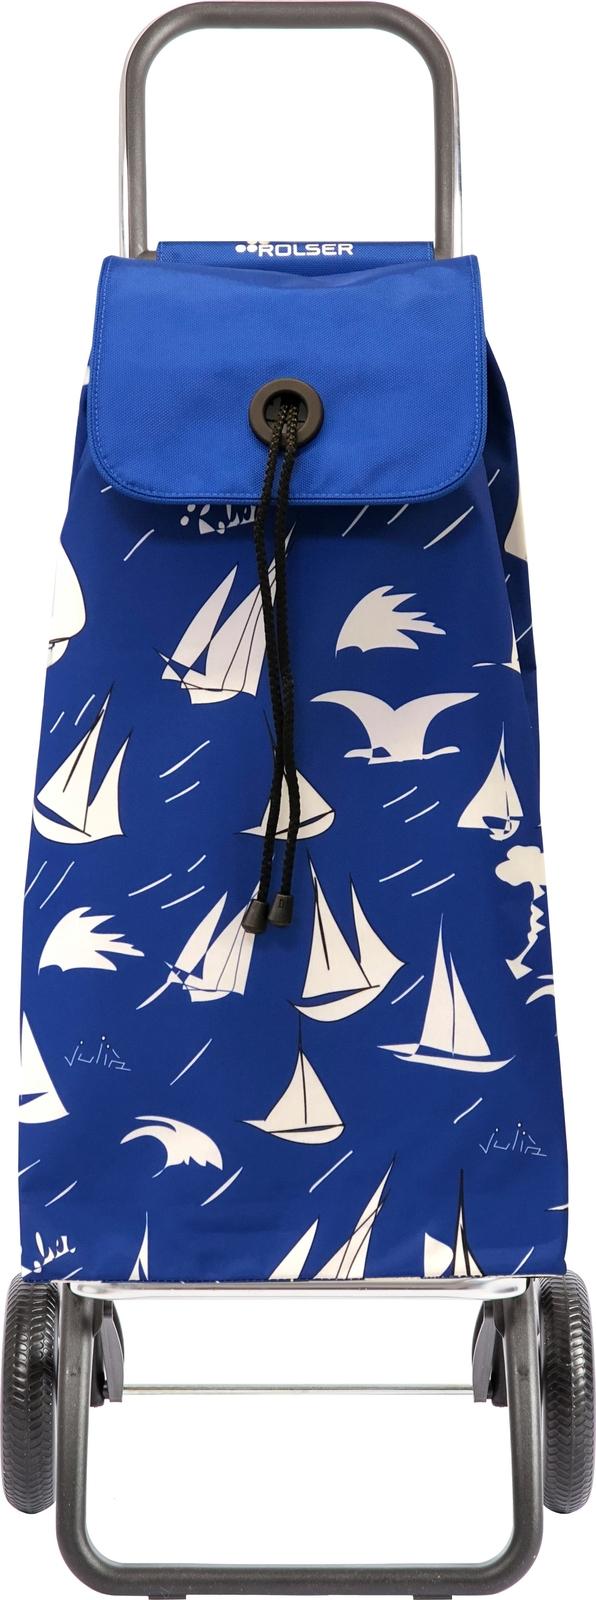 Фото - Сумка-тележка Rolser Convert RG, цвет: синий, 43 л. IMX127 сумка тележка rolser dos 2 цвет синий 48 л pac035